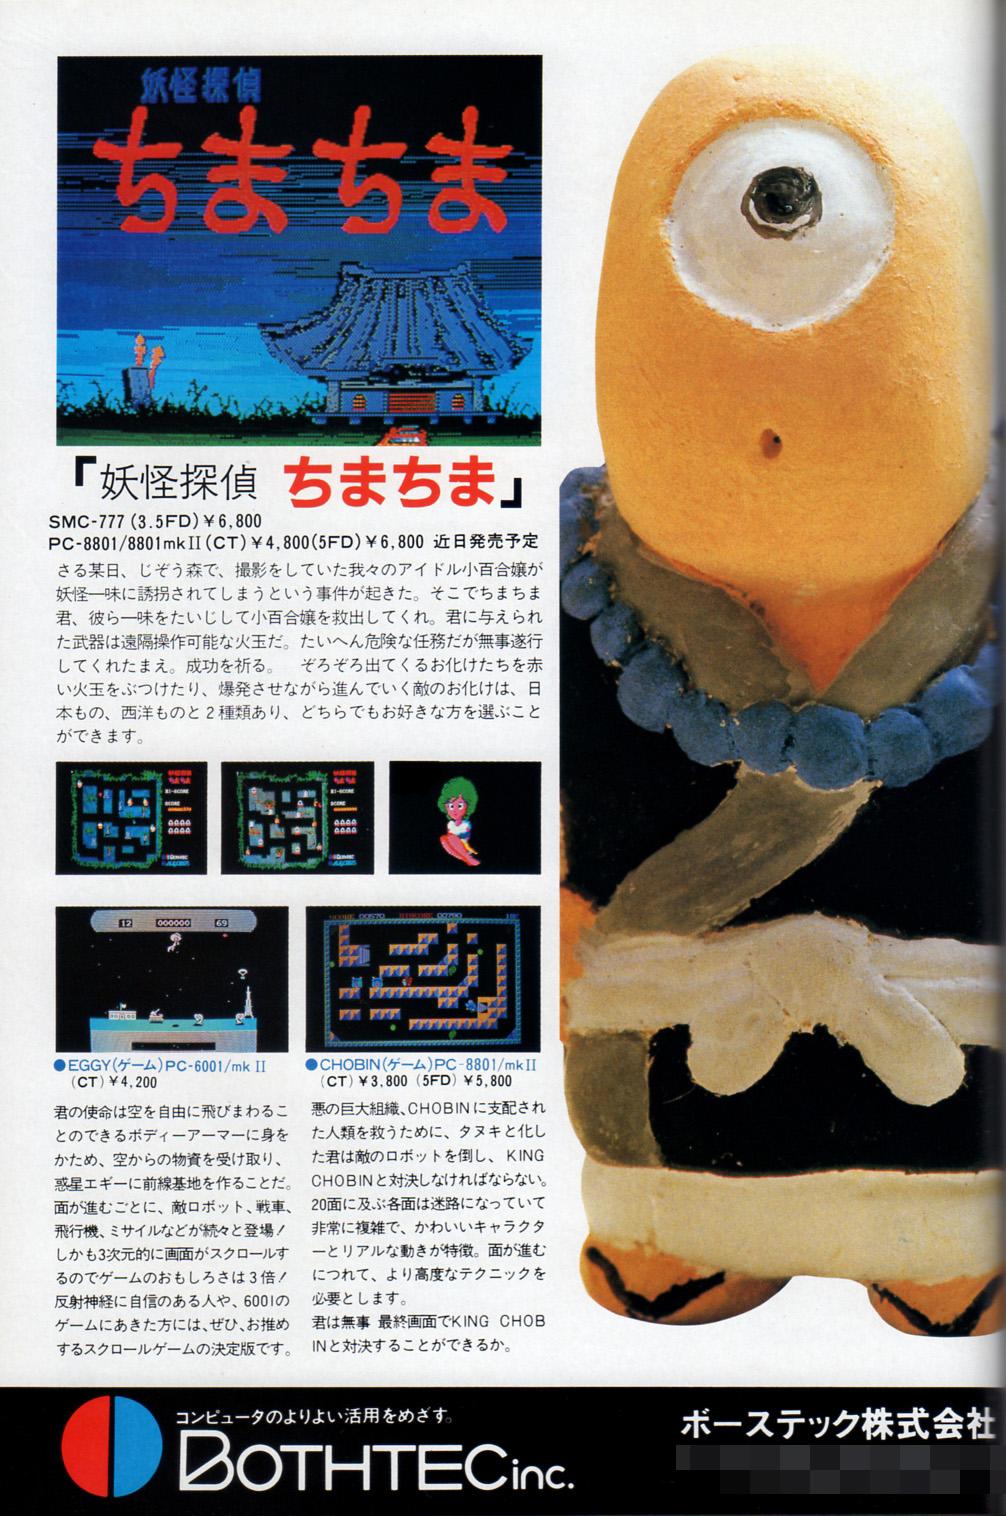 第一回プログラムコンテストは賞金総額300万円で行われ、100万円がもらえる最優秀賞に選ばれたのが、SMC-777版として応募された『妖怪探偵ちまちま』でした。